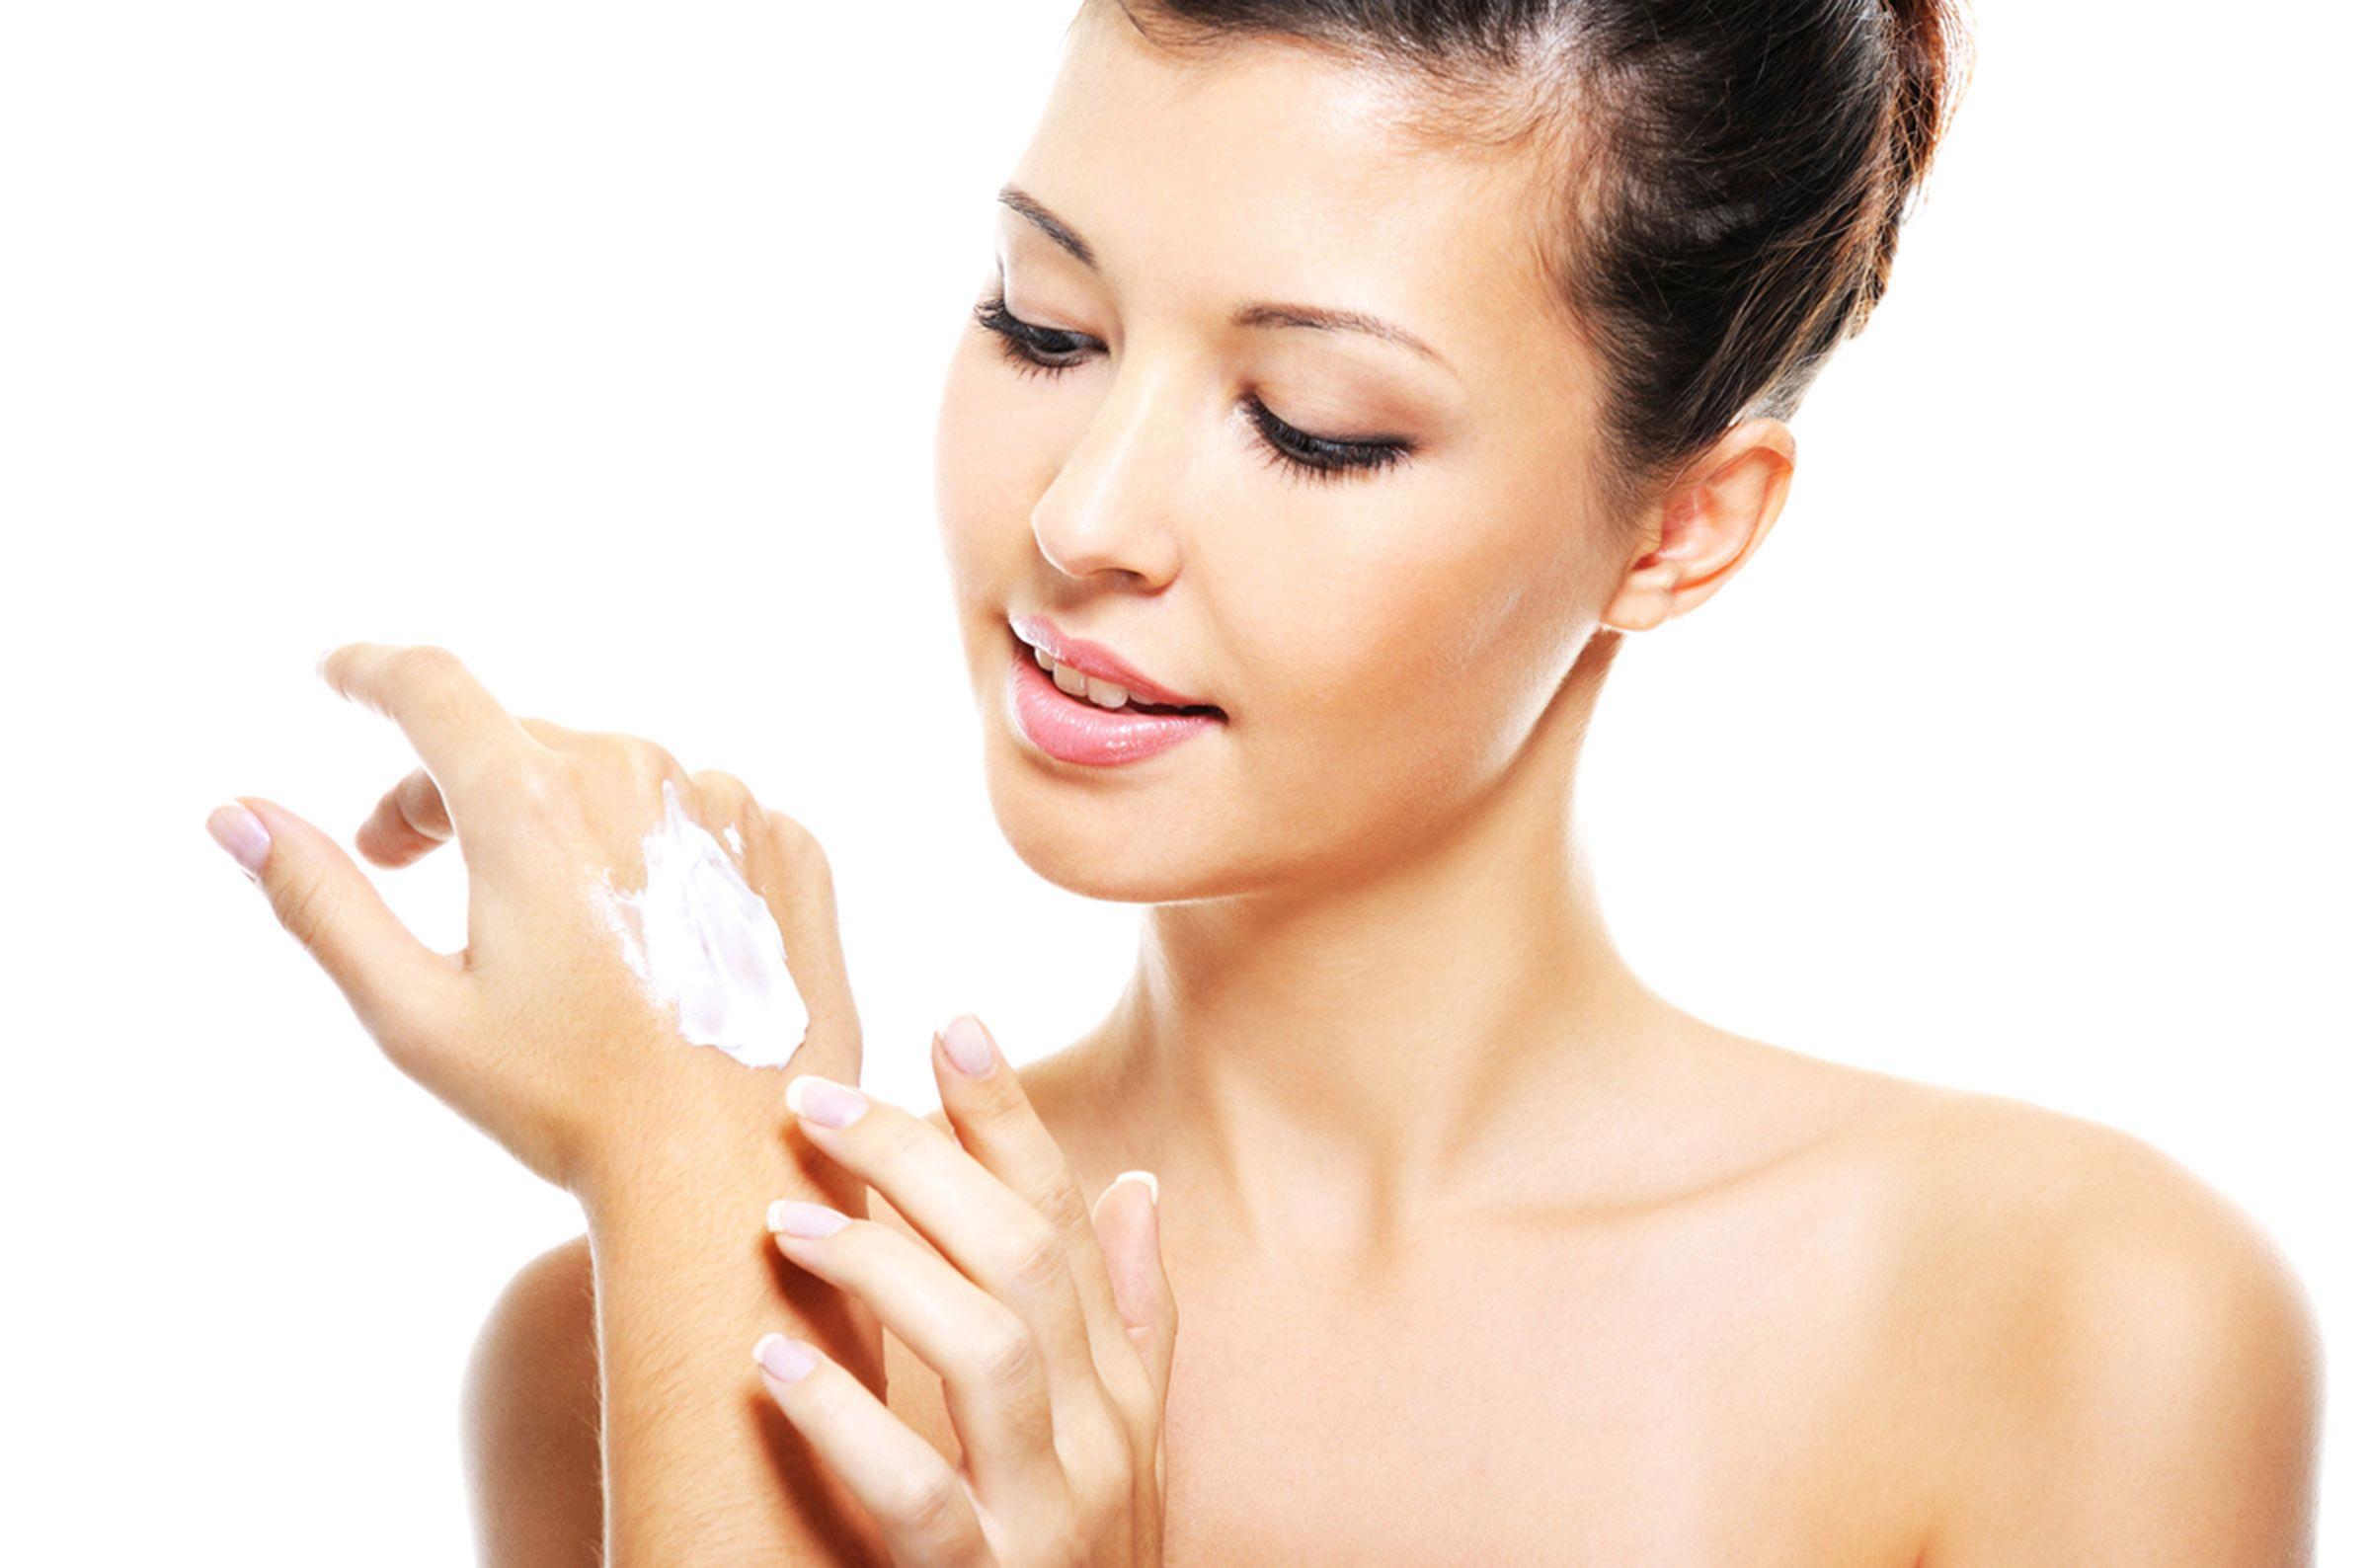 Idratazione della pelle: meglio l'olio o la crema?